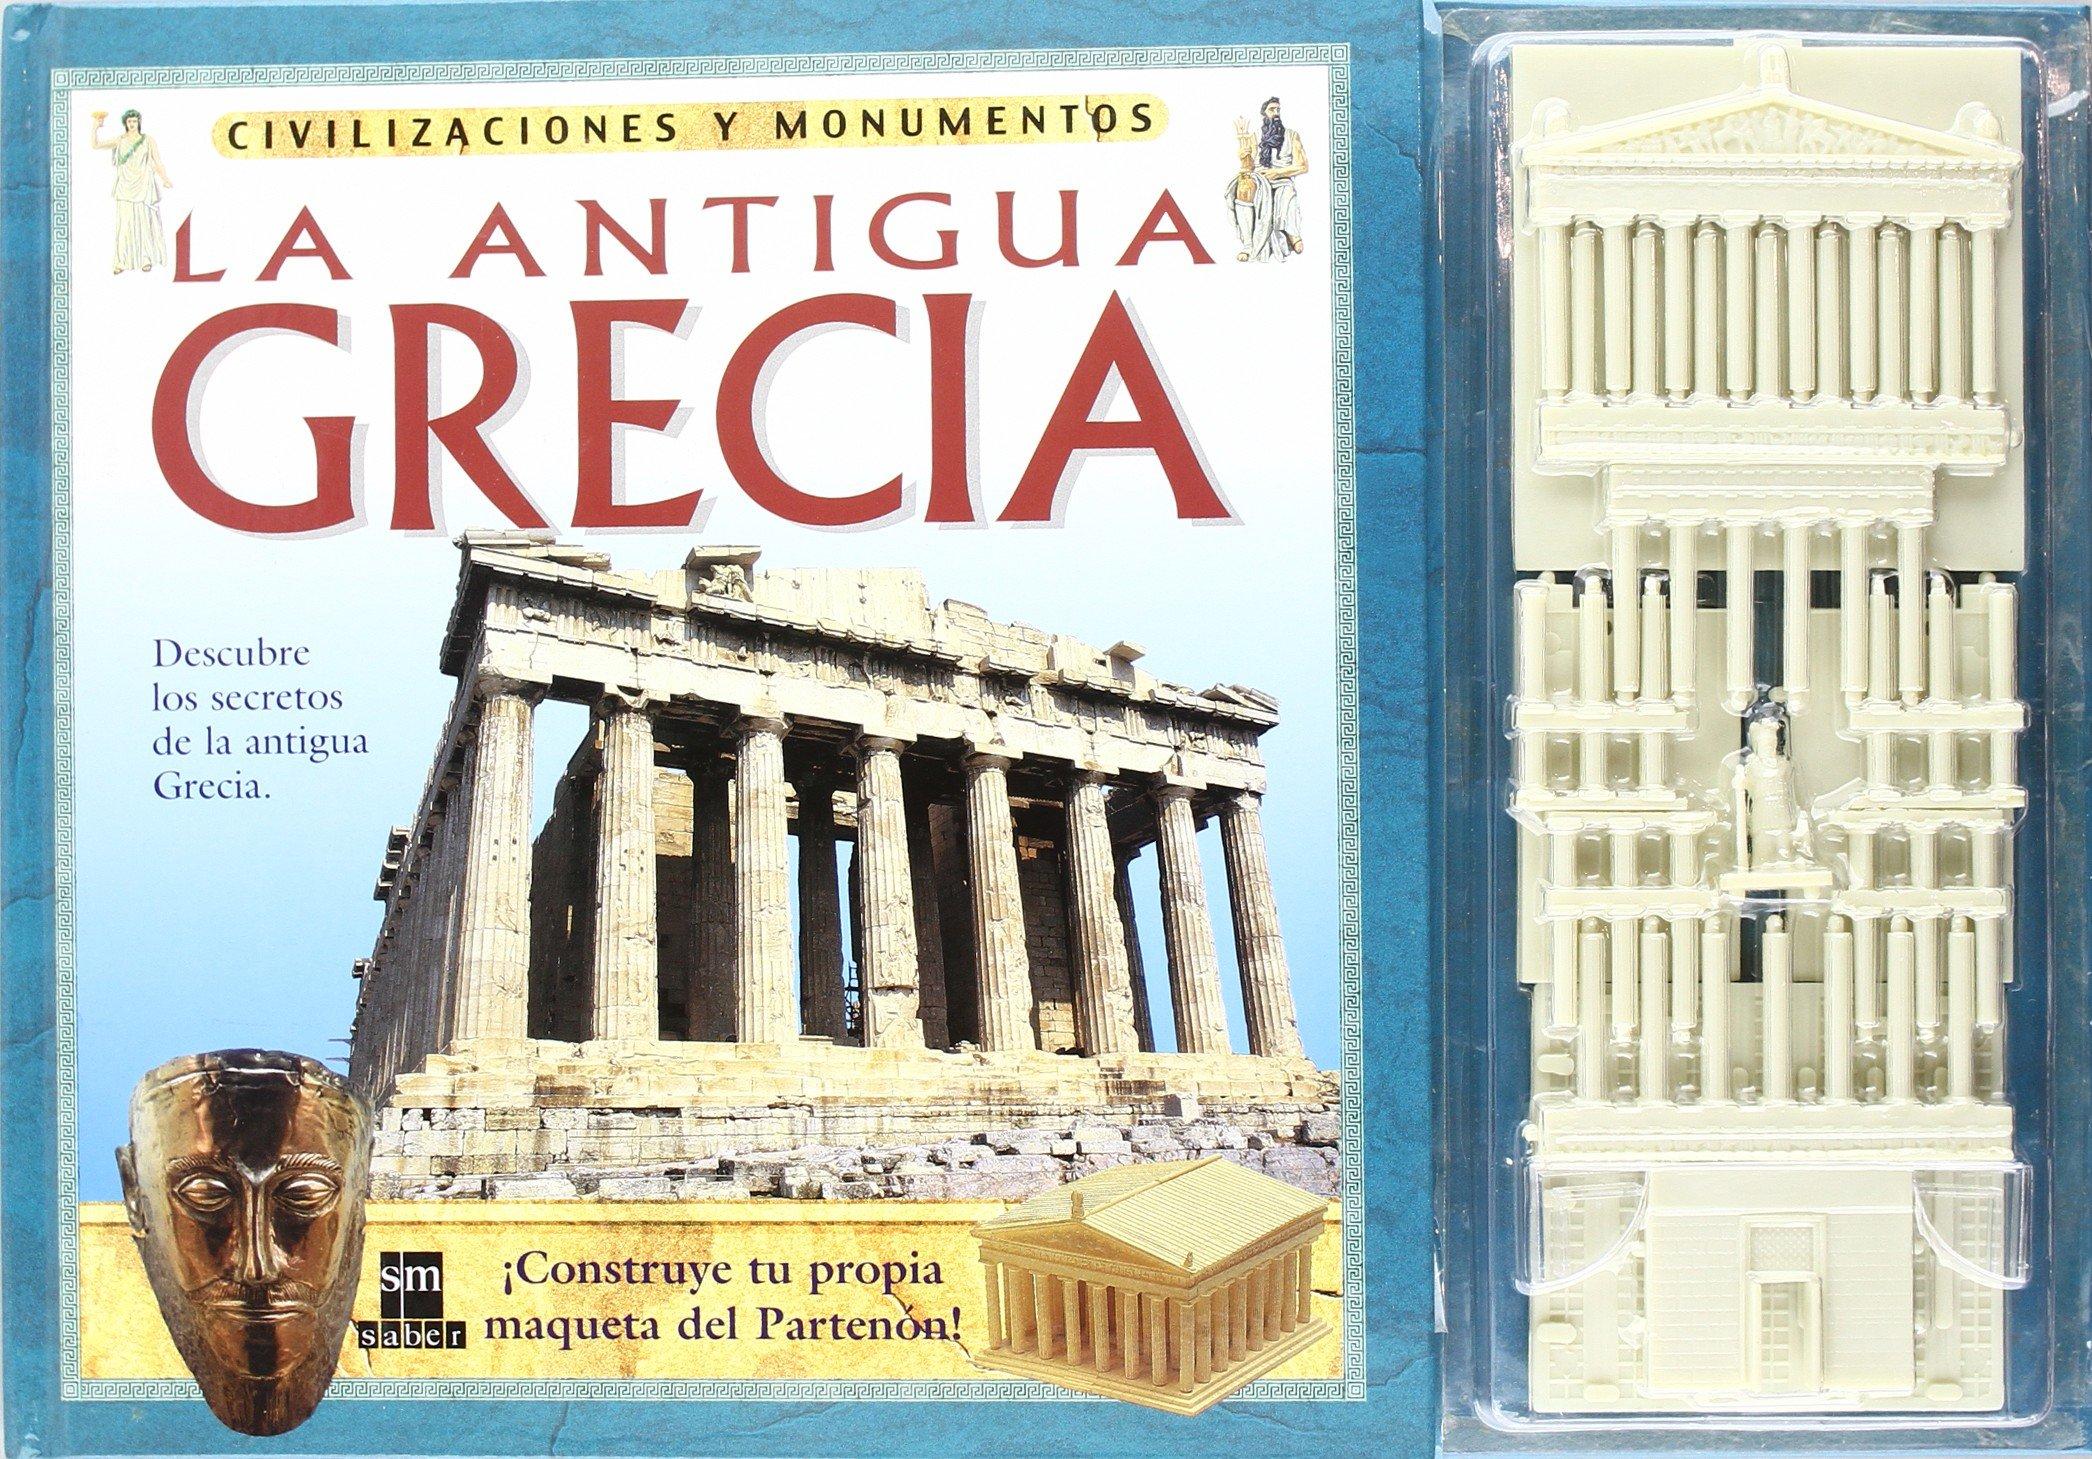 La antigua Grecia (Civilizaciones y monumentos): Amazon.es: Philip Wilkinson, Julian Baker, Stephen Conlin, Ray Grinaway, Pilar Tutor: Libros